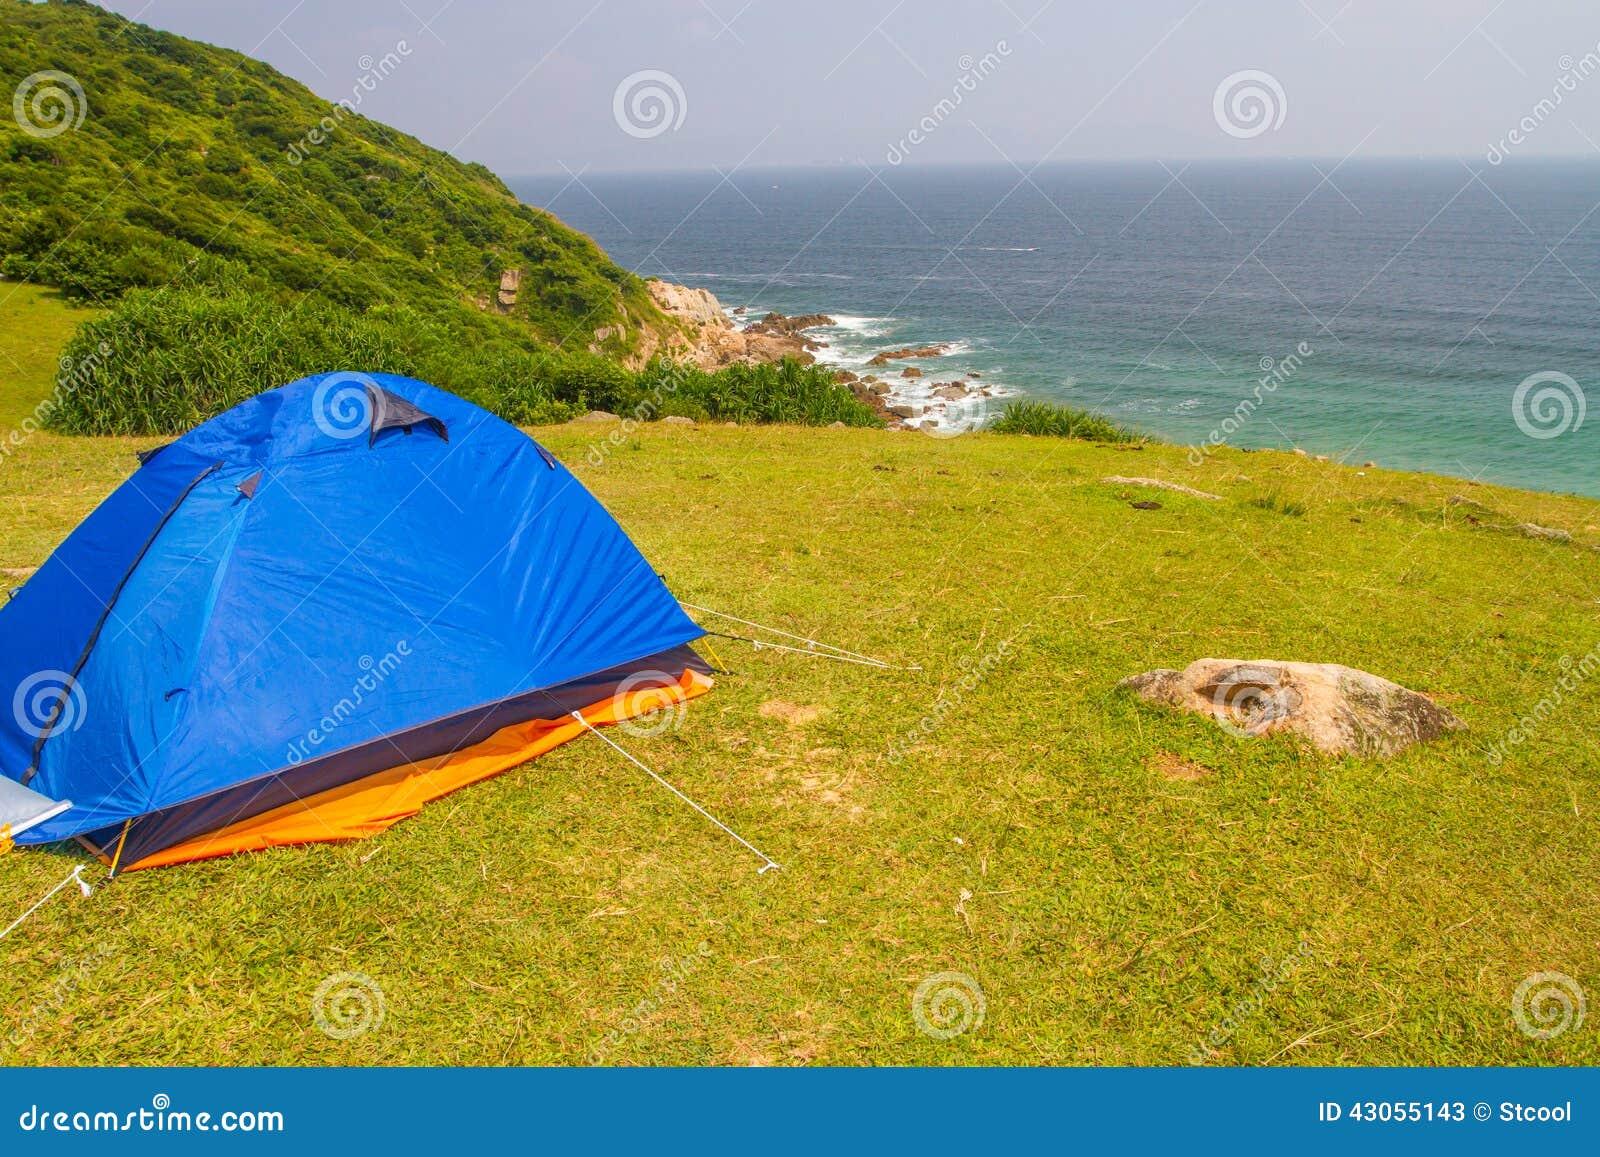 Grass Island Hong Kong Camping